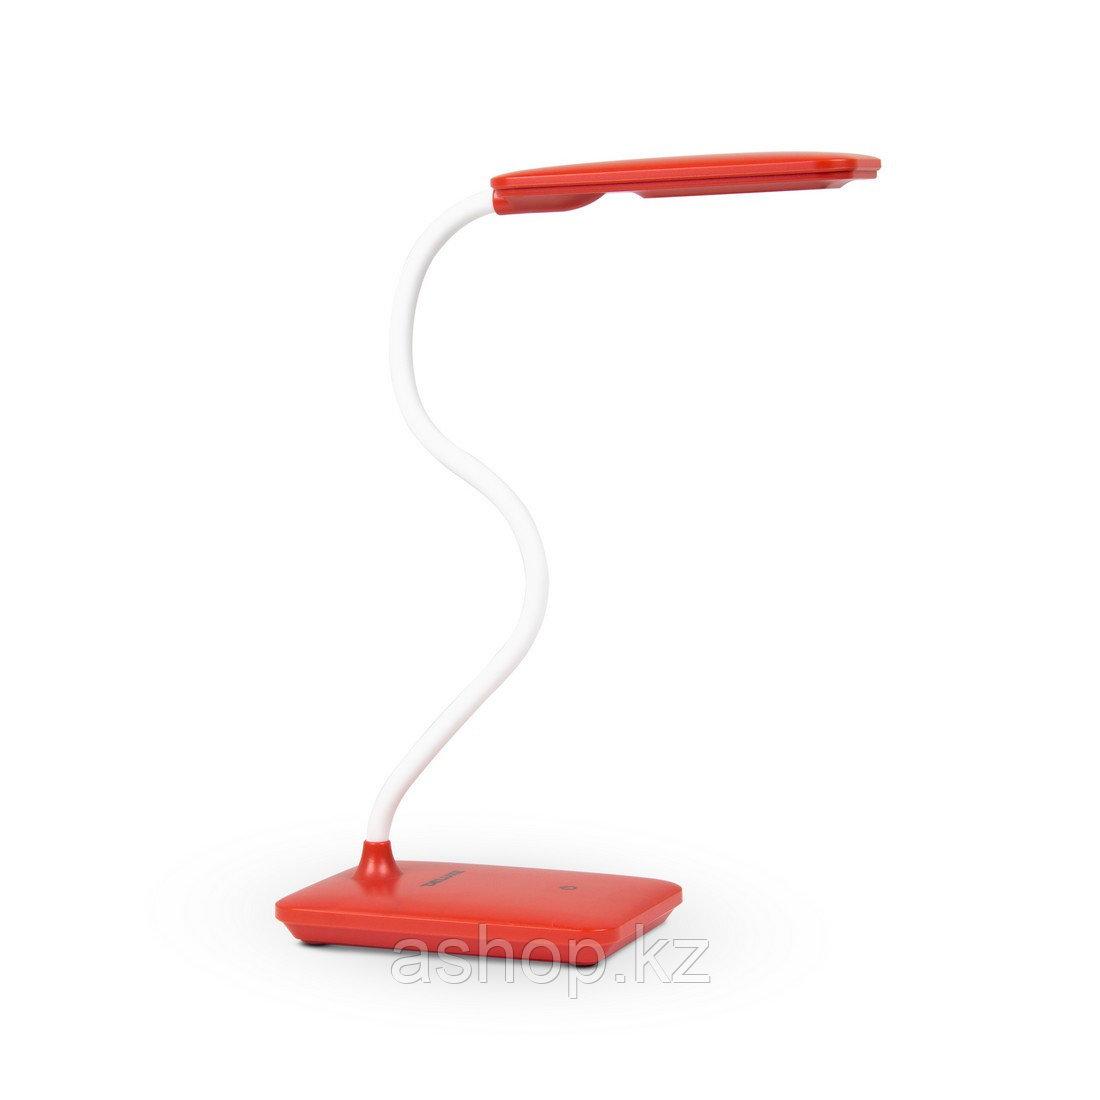 Лампа настольная светодиодная (LED) Deluxe DLTL-102R-6W, Регулировка яркости: 3 степени яркости, Цветовая темп